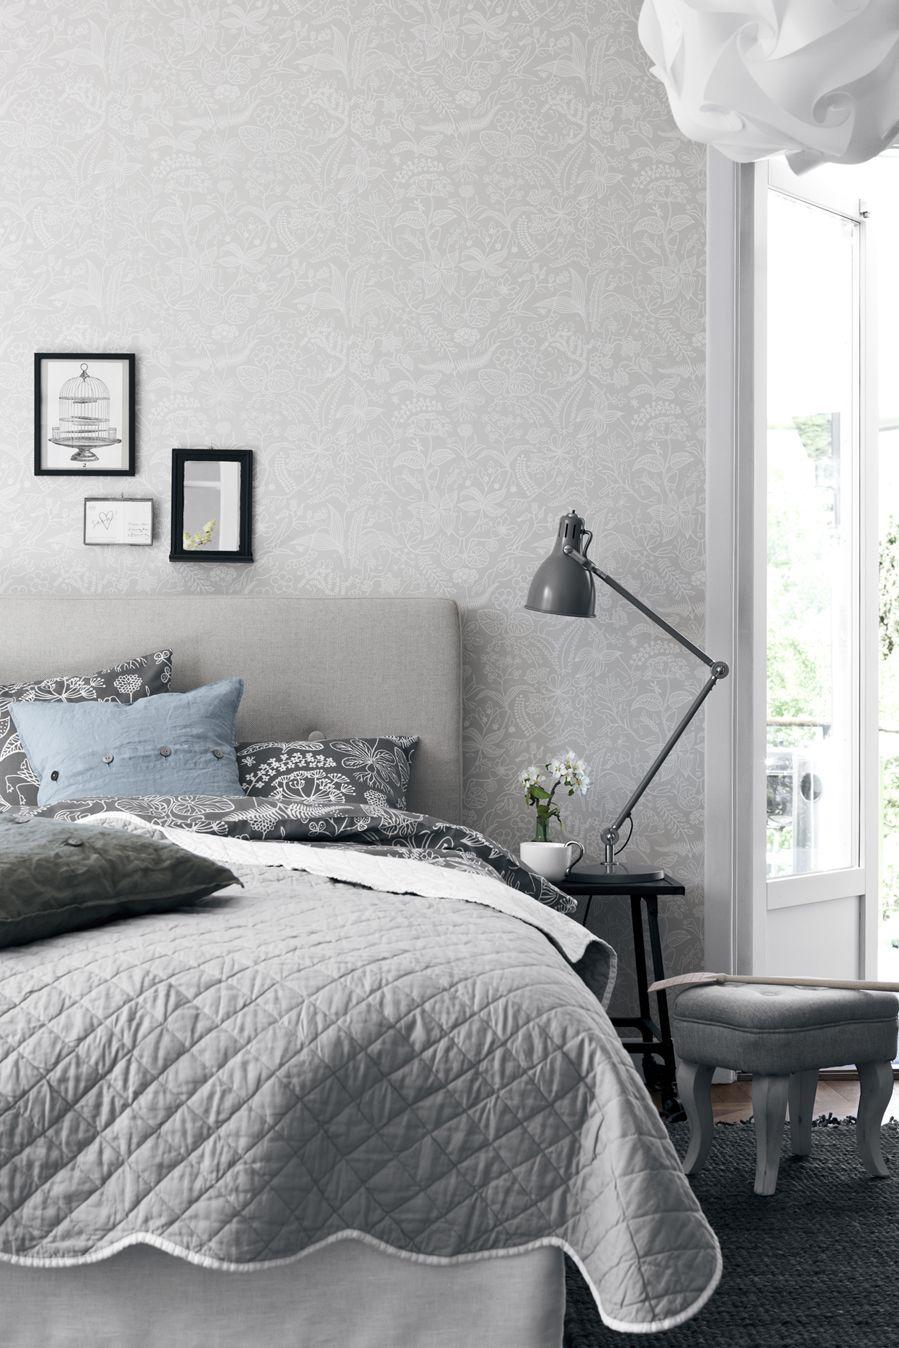 Grazia av Stig Lindberg ur Boråstapeters serie Wallpapers by Scandinavian designers.